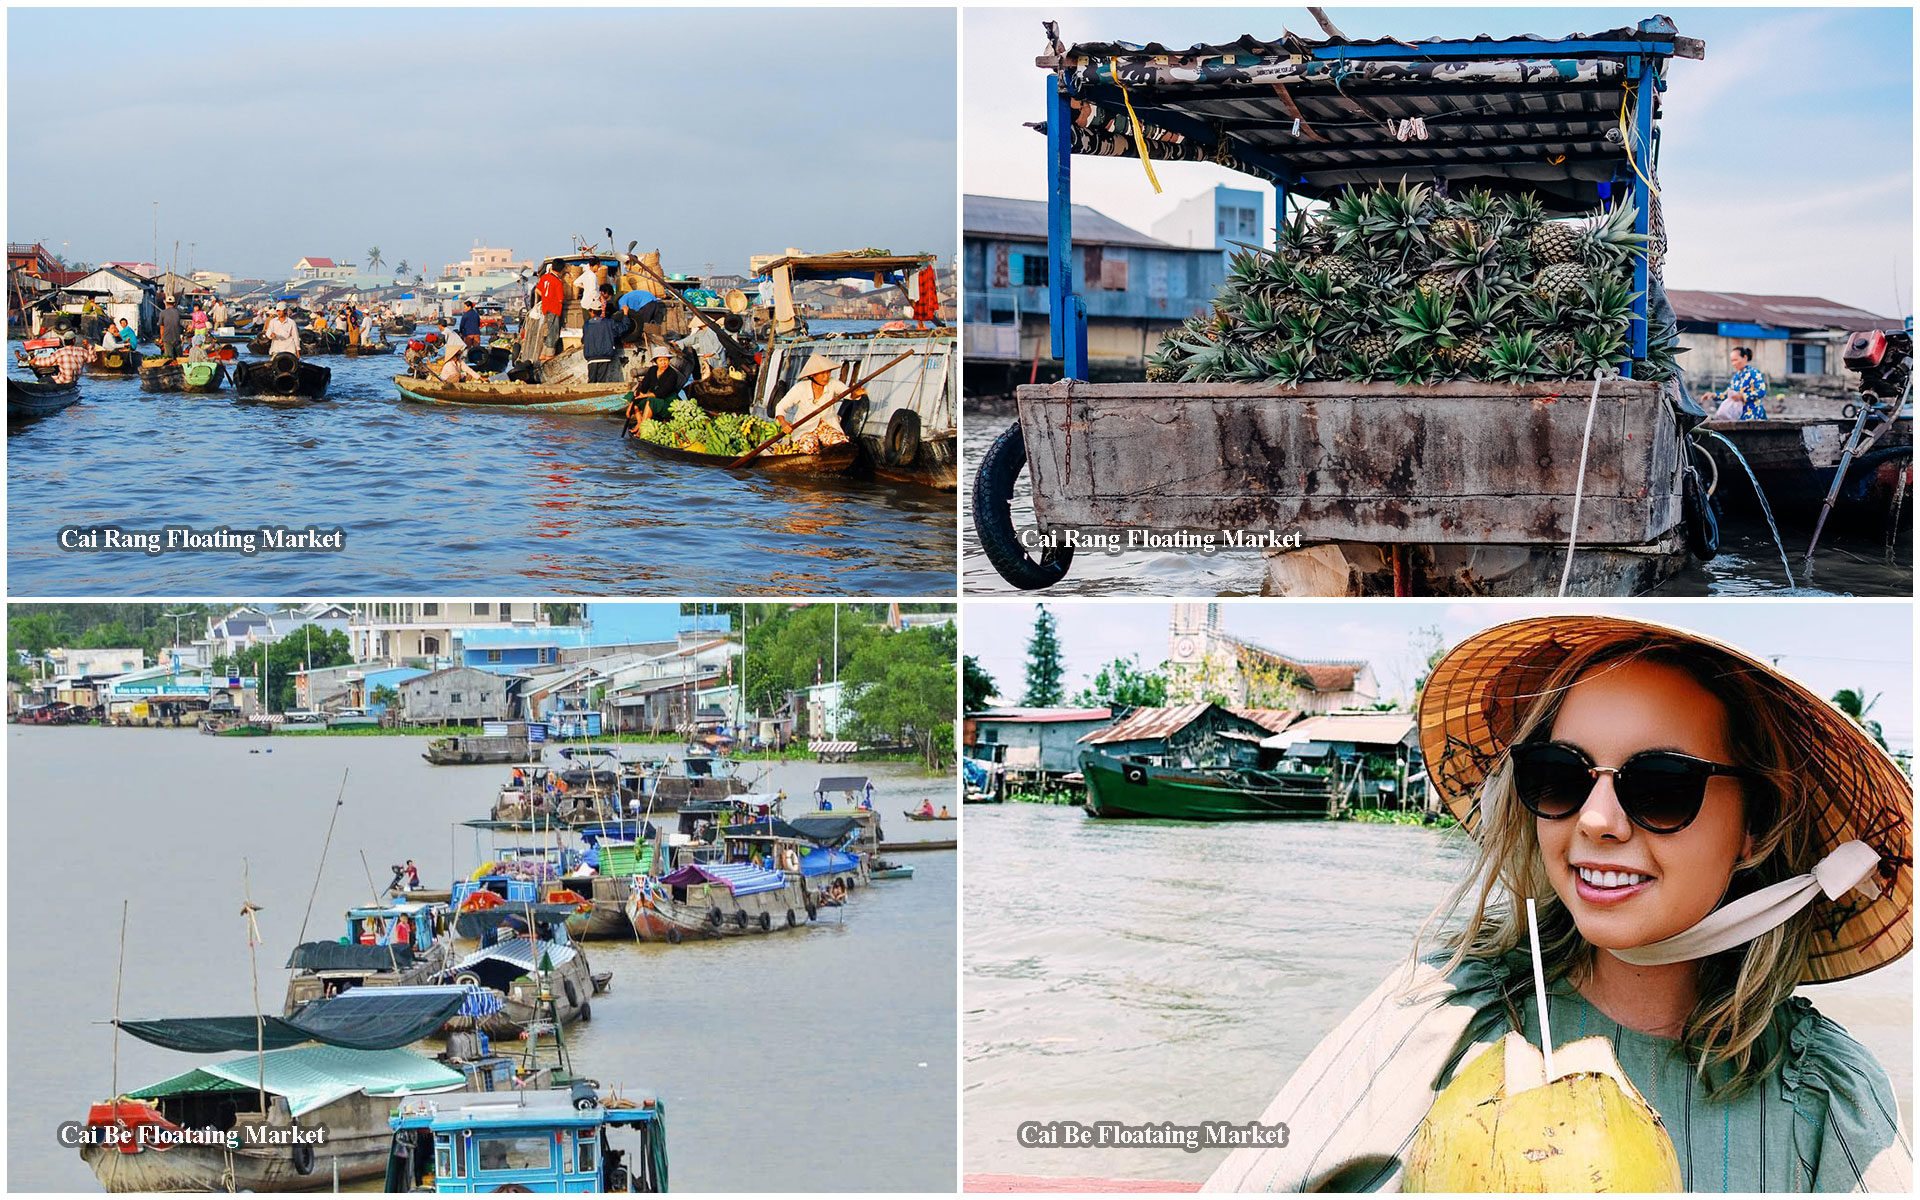 School trips in Vietnam - Mekong Delta